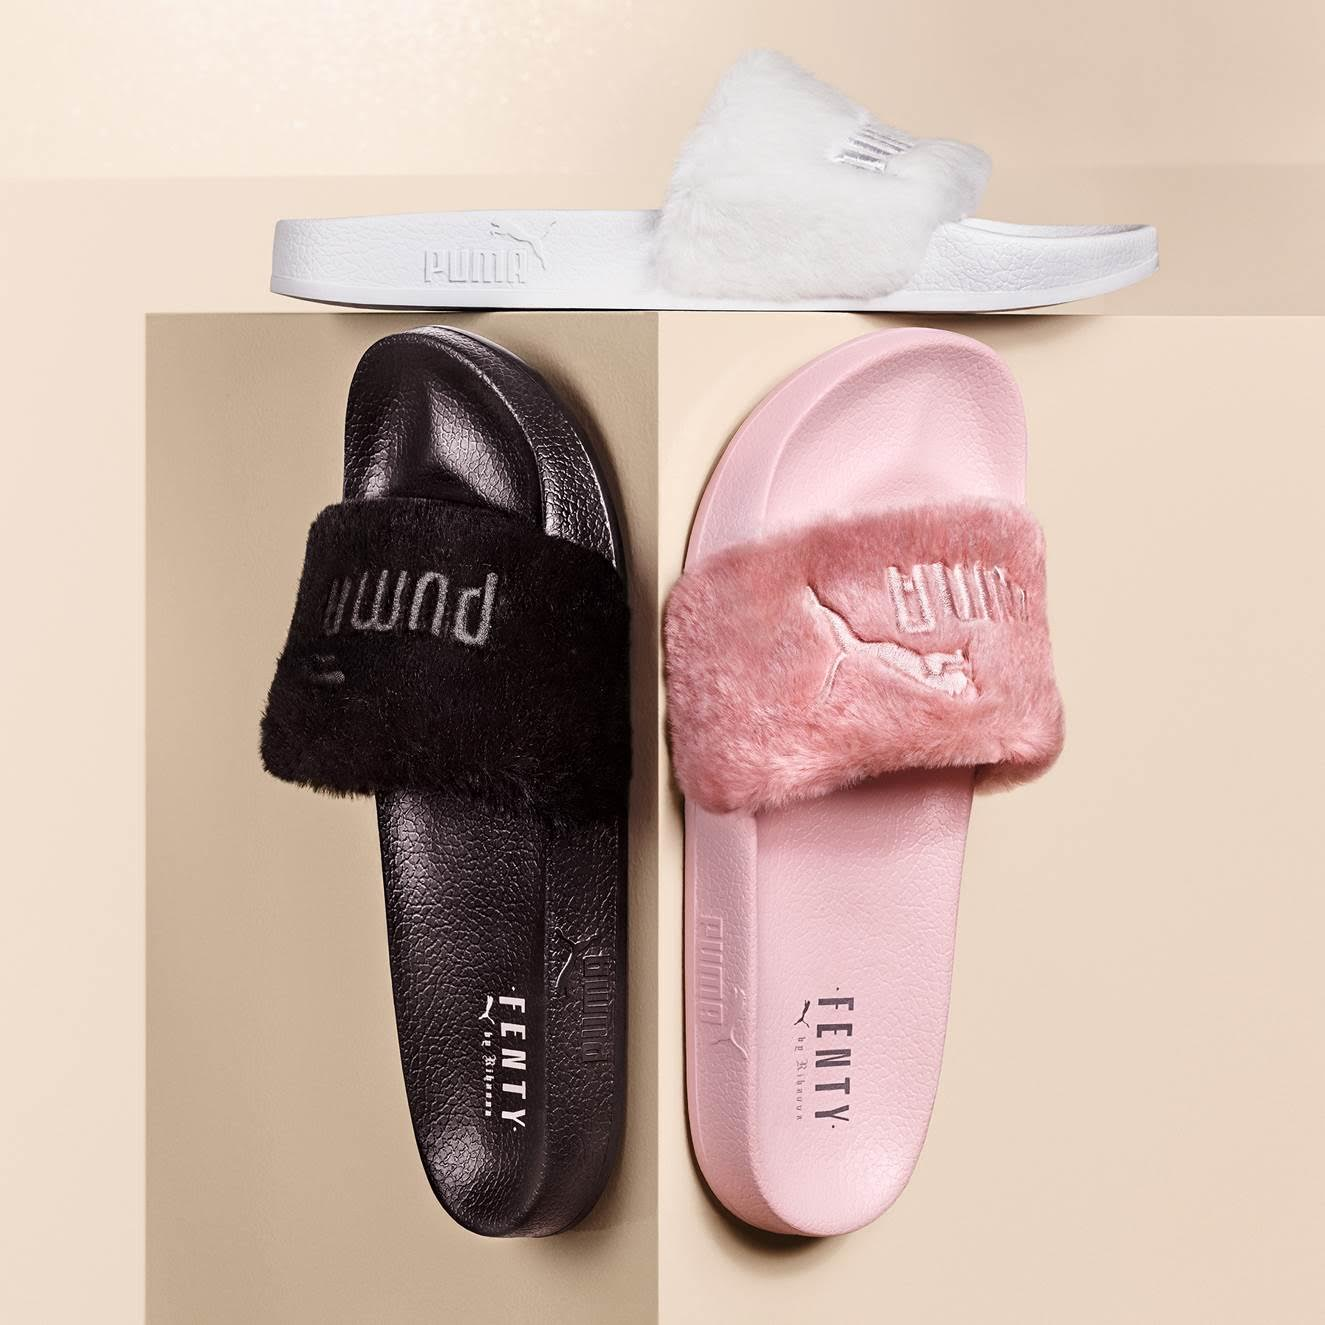 1cdd2041ad7 Über Fashion Marketing   Dope  Choix recebe a coleção PUMA by Rihanna